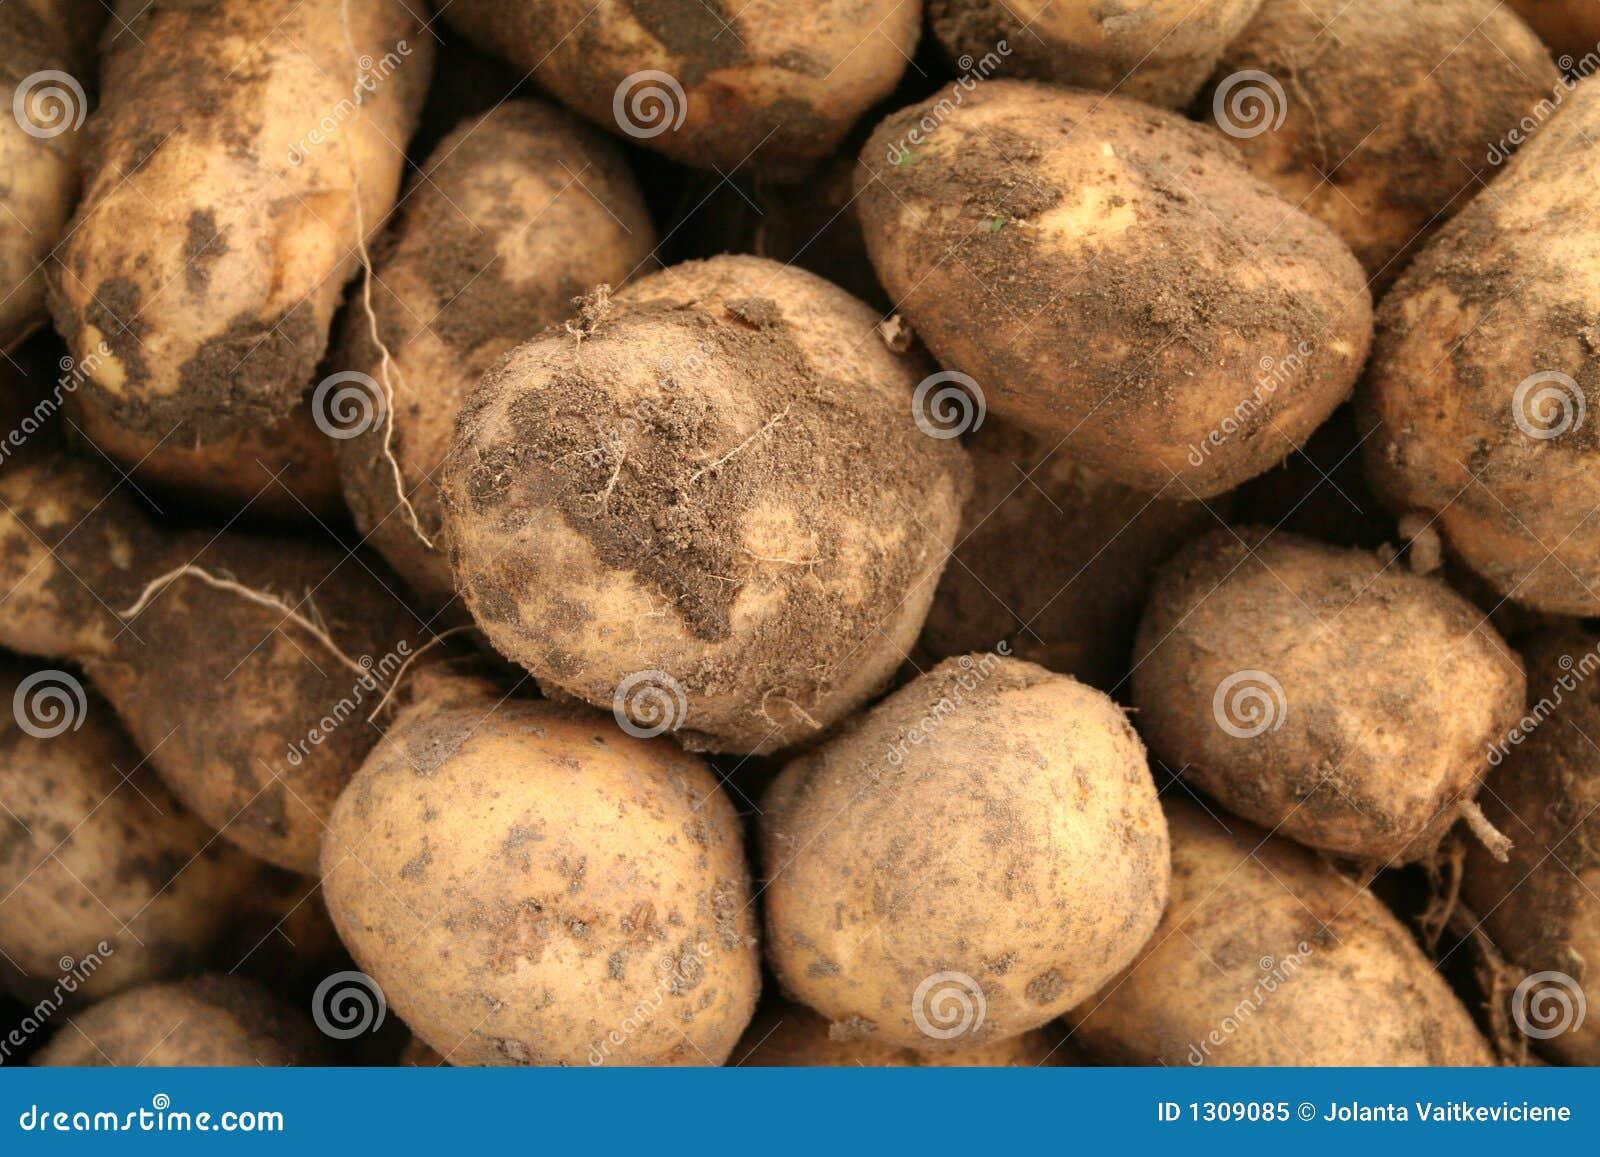 土豆 免版税库存照片 - 图片: 1309085图片